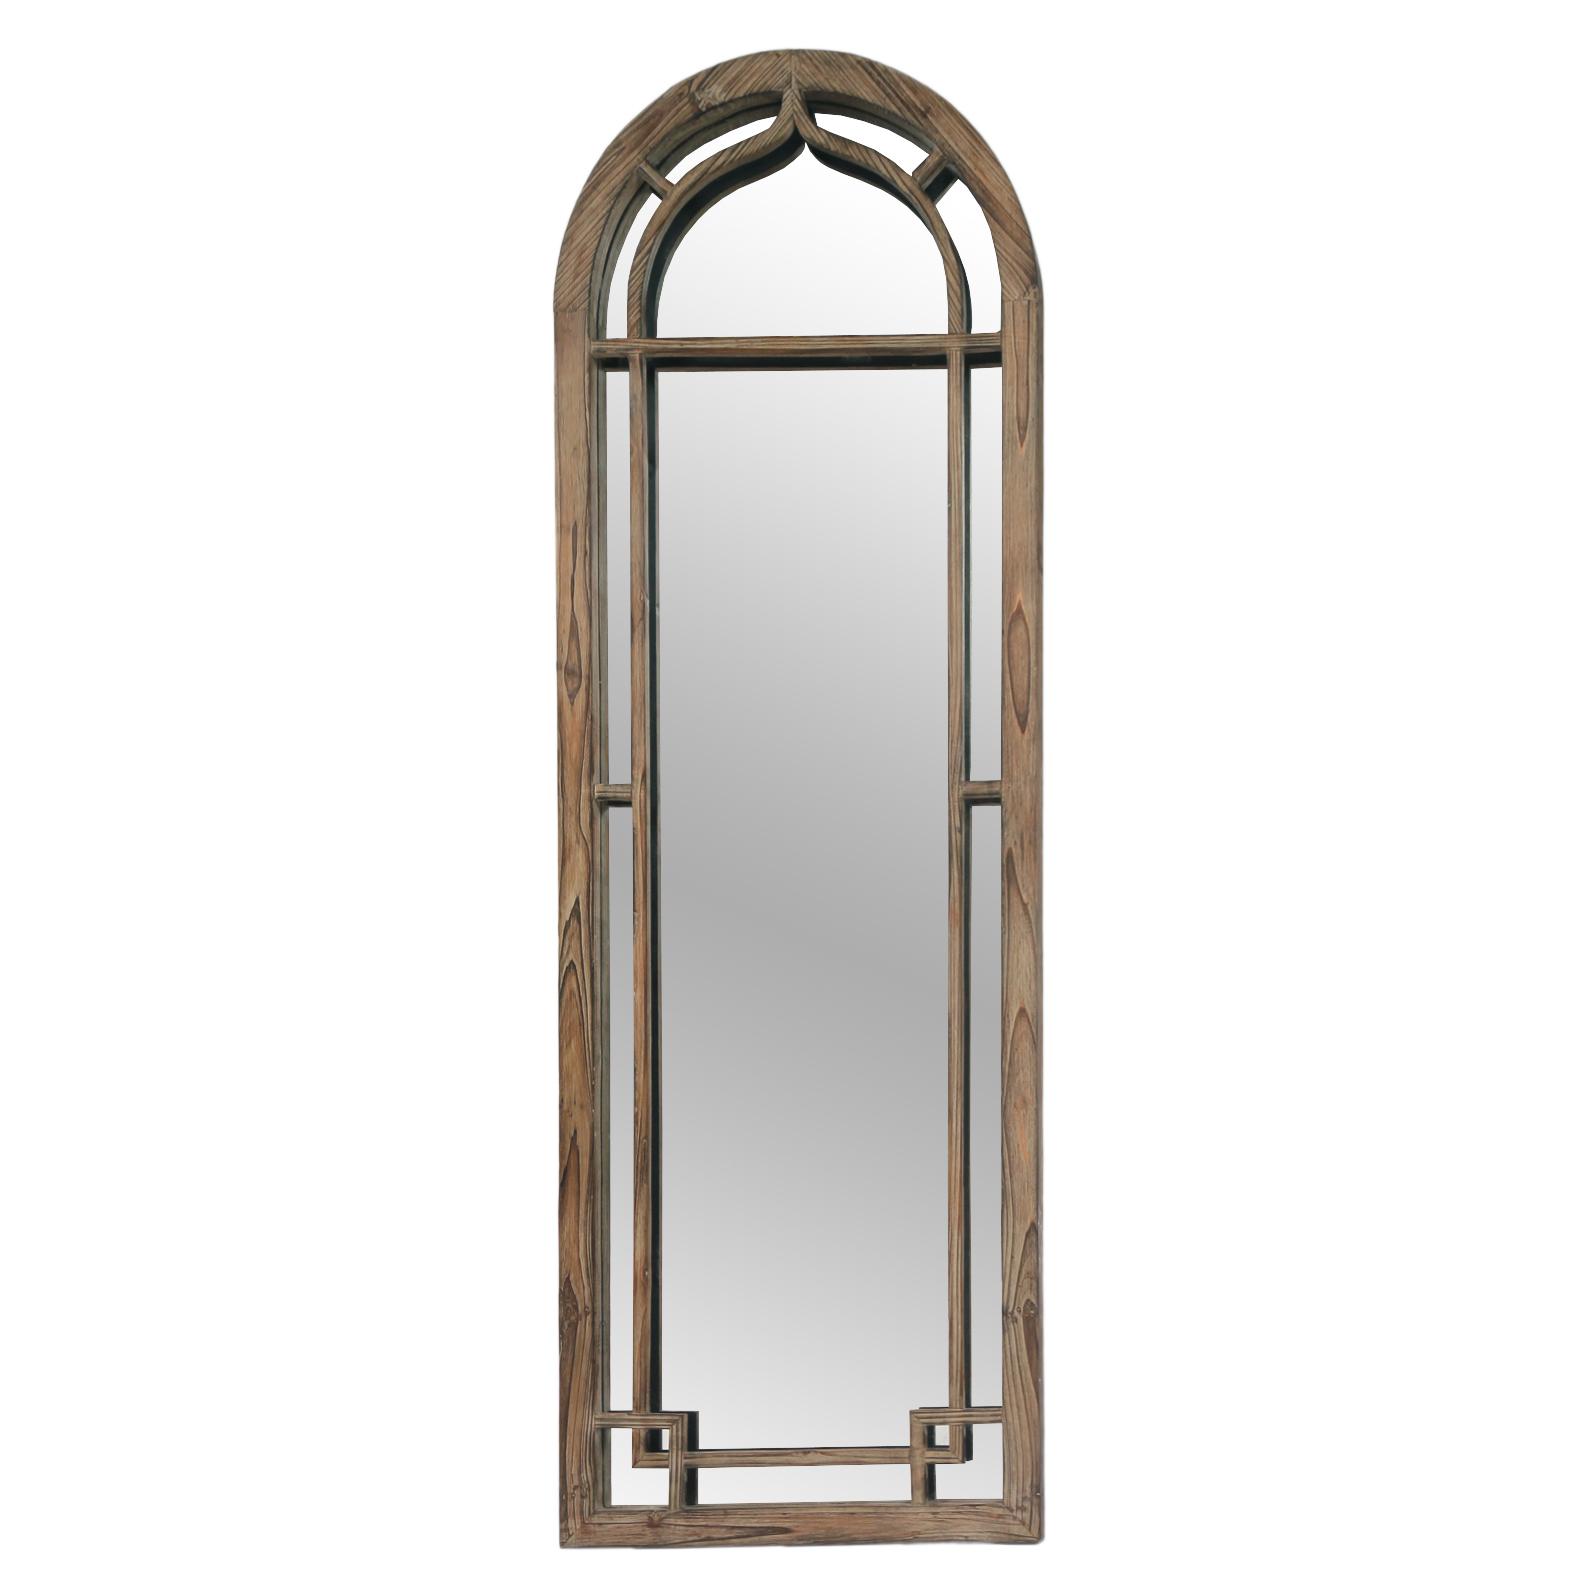 Купить Зеркало настенное в деревянной раме, inmyroom, Греция